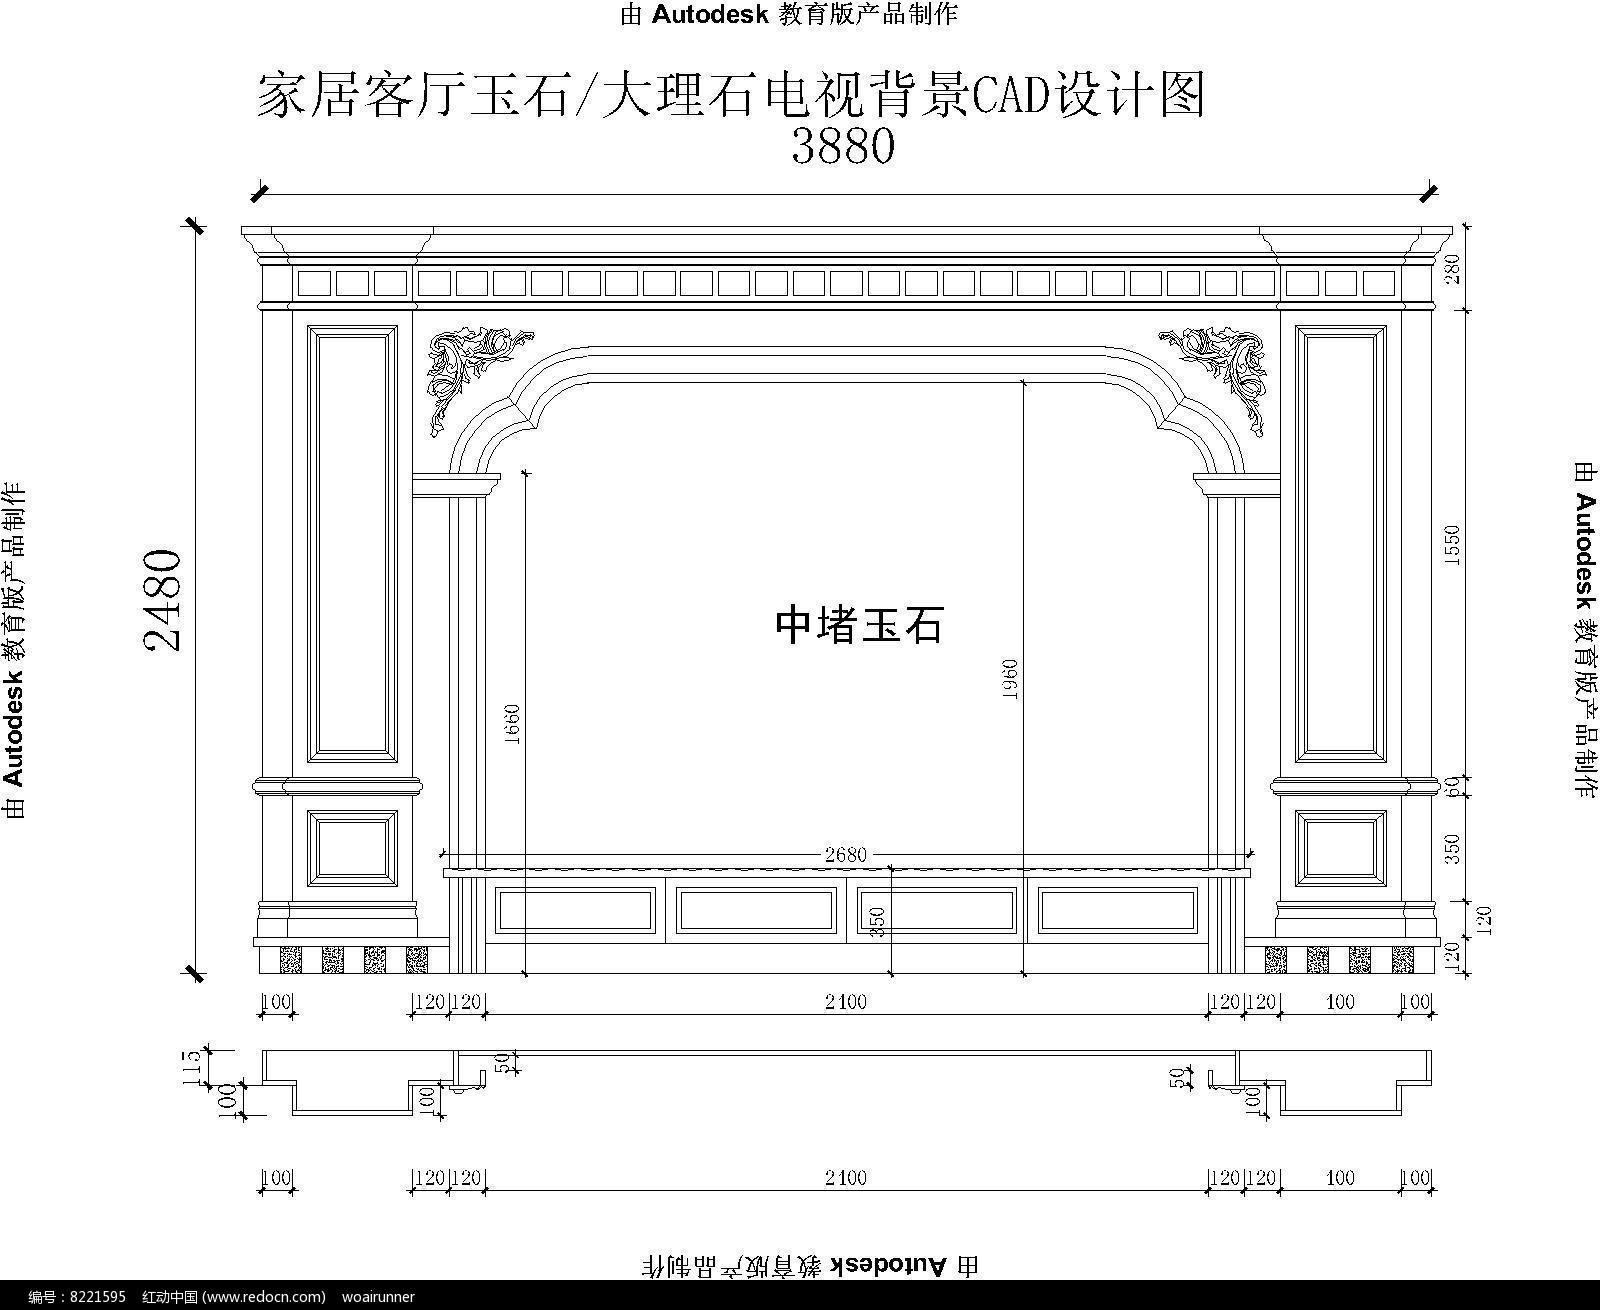 复合罗马柱子加欧式线条客厅电视背景玉石电视背景CAD设计图图片